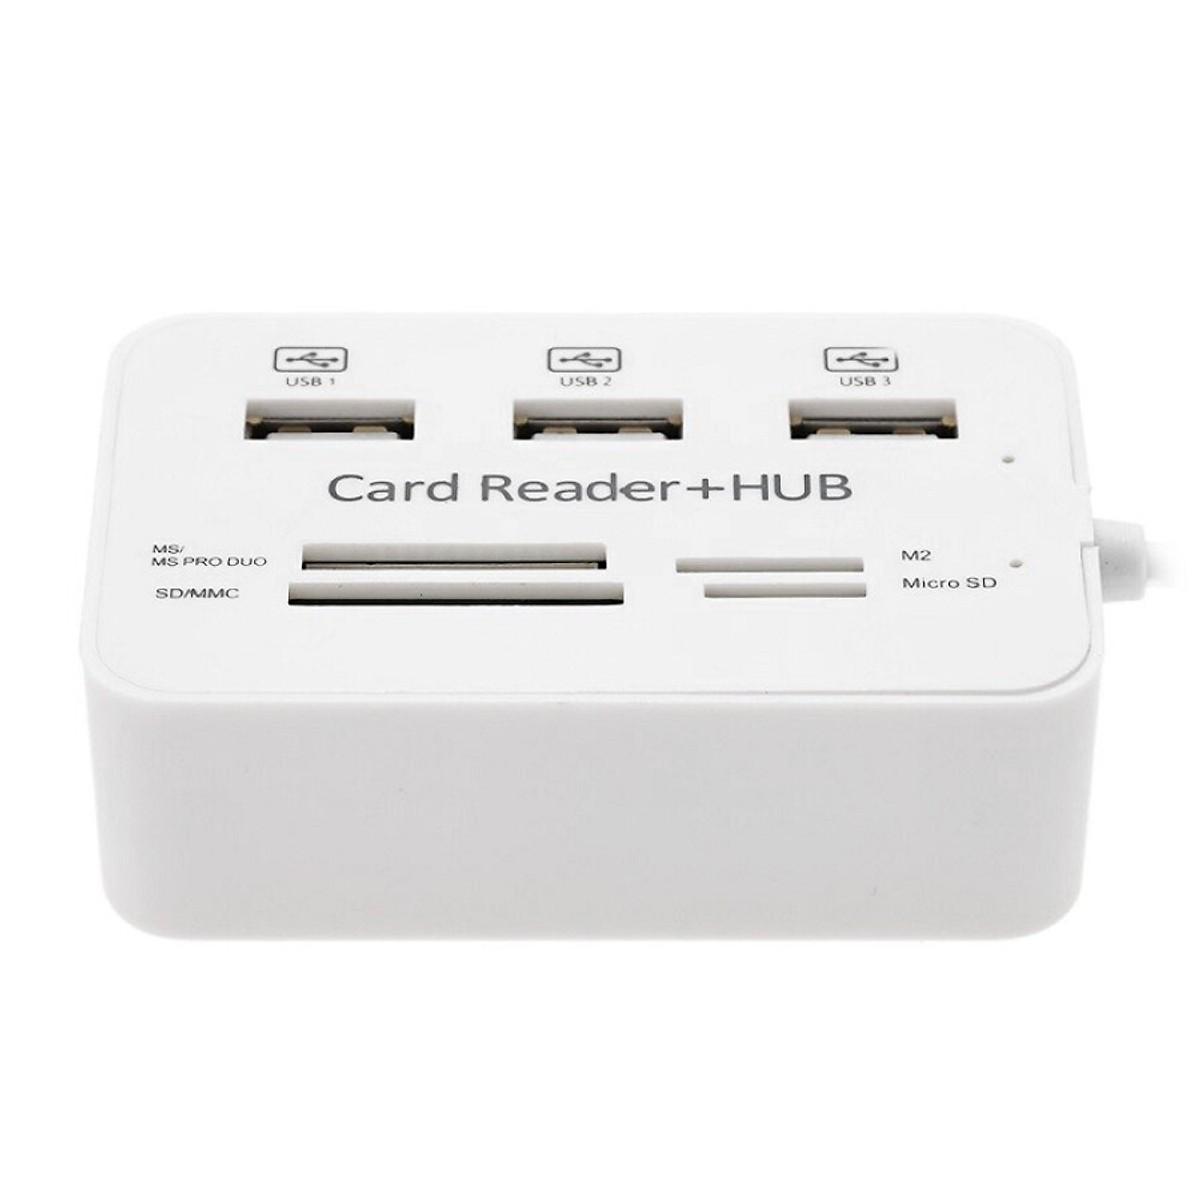 USB HUB 2.0 3 cổng kiêm đầu đọc thẻ nhớ đa năng hàng cao cấp có hộp - Hàng nhập khẩu